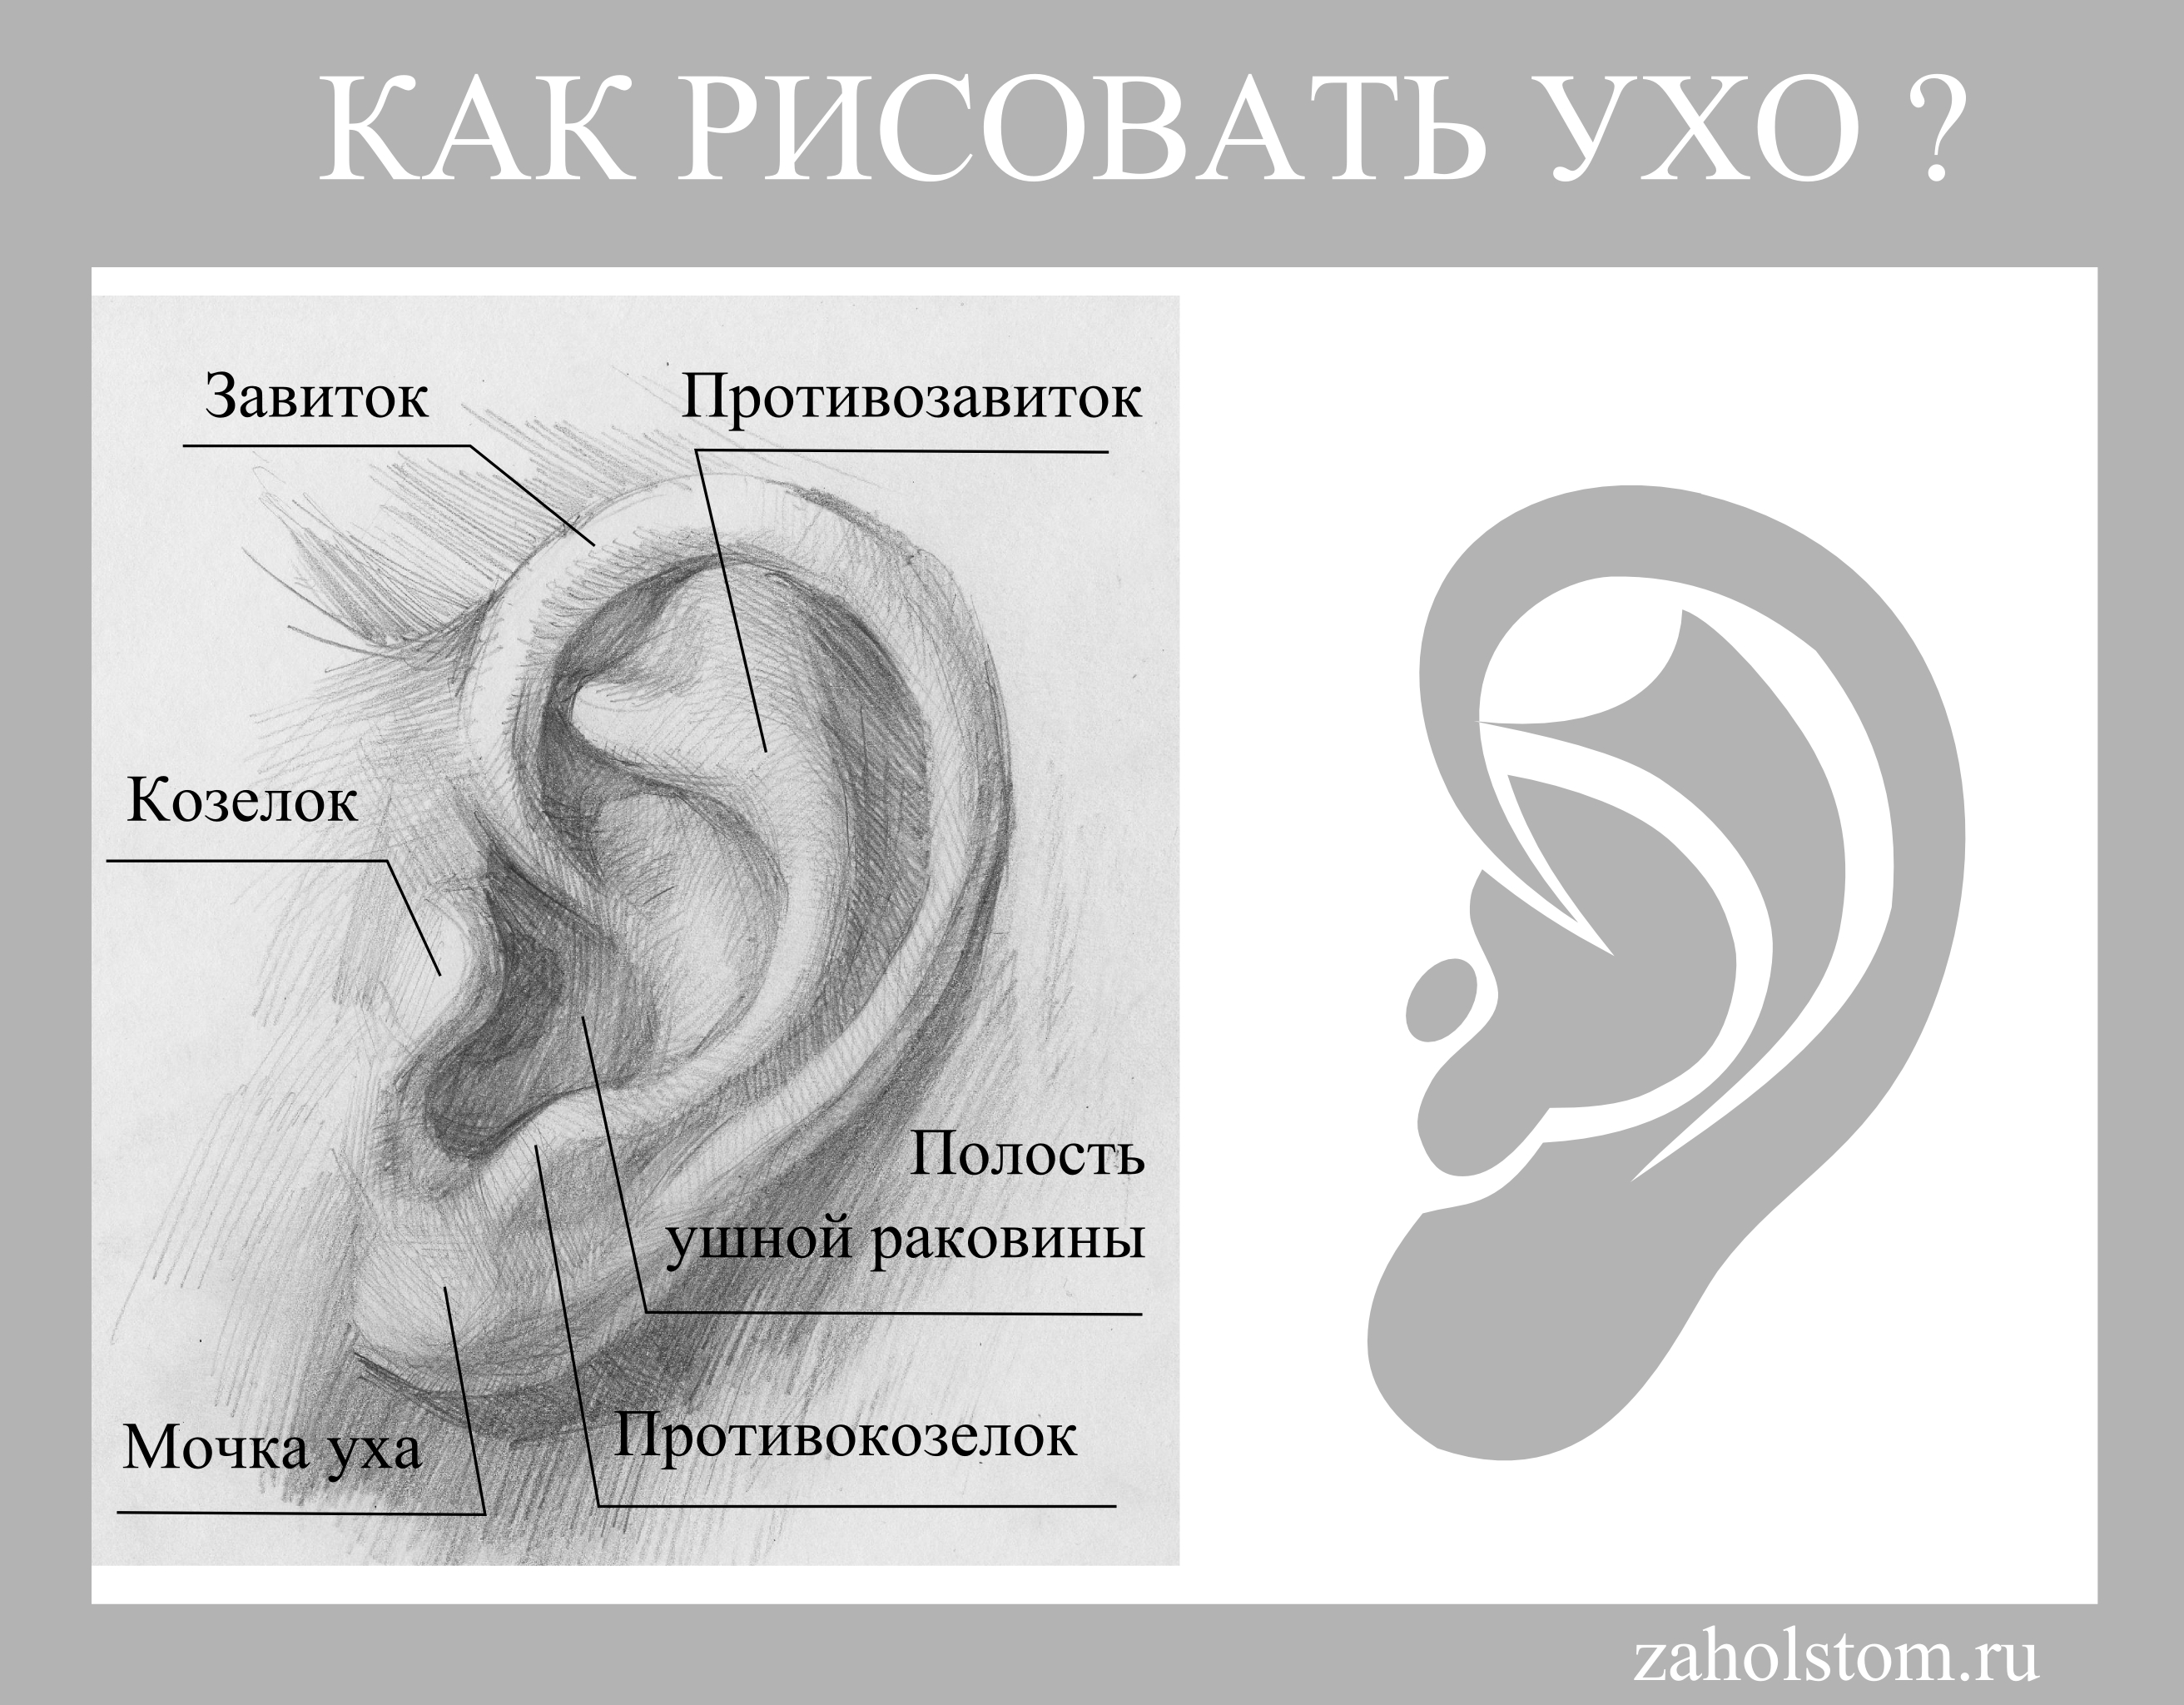 005 Как рисовать ухо. Названия. Художник Алексей Епишин